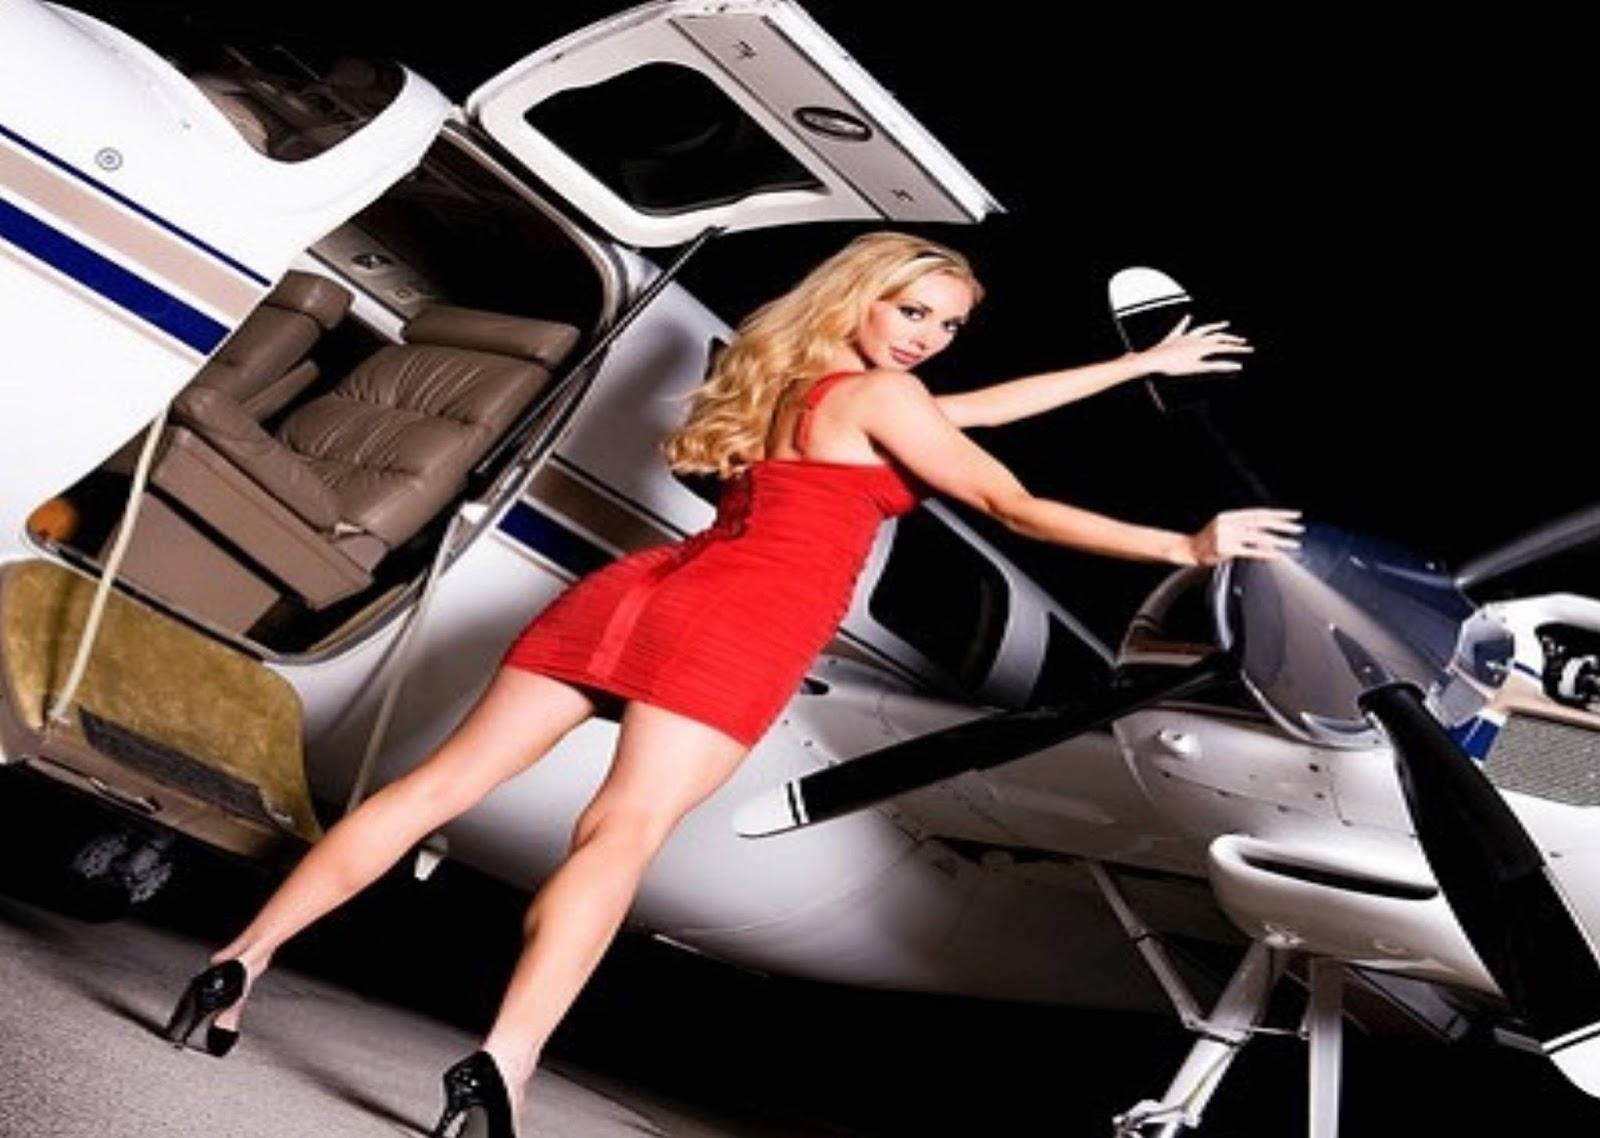 Download Gambar Wallpaper Cewek Lagi Pose Di Pesawat